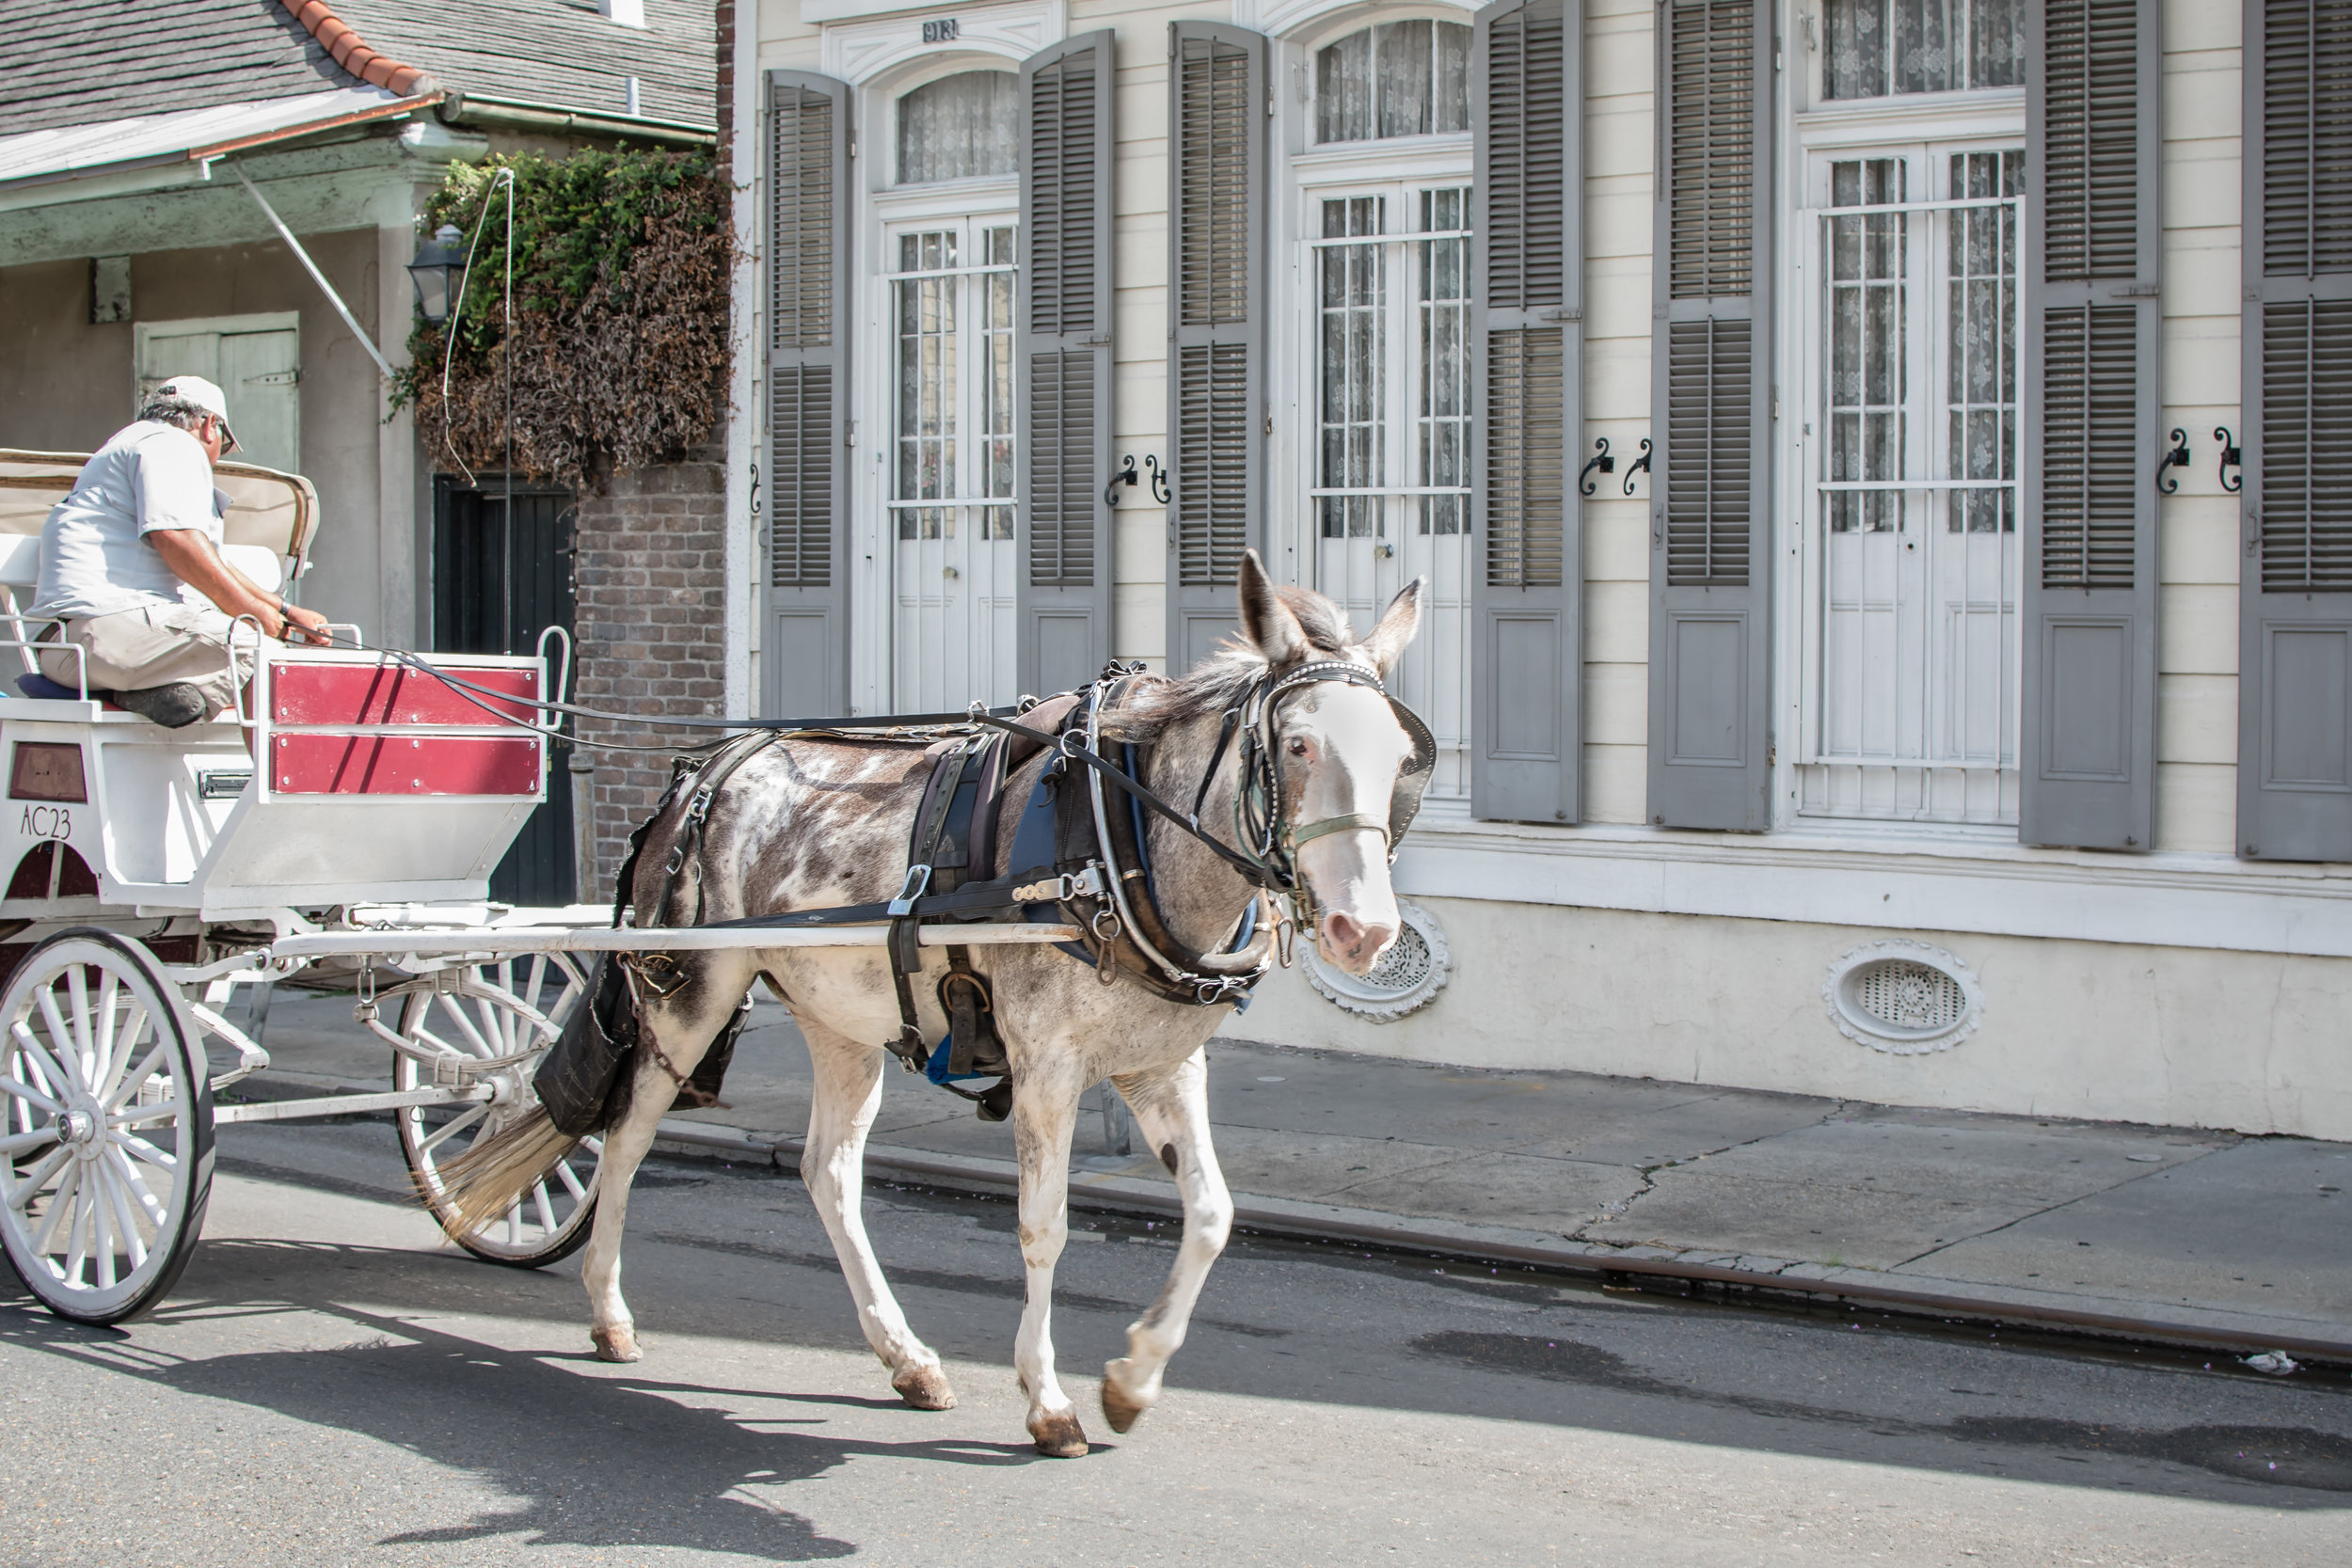 new-orleans-french-quarter-one-time-in-nola-travel-photographer-yanitza-ninett-57.jpg